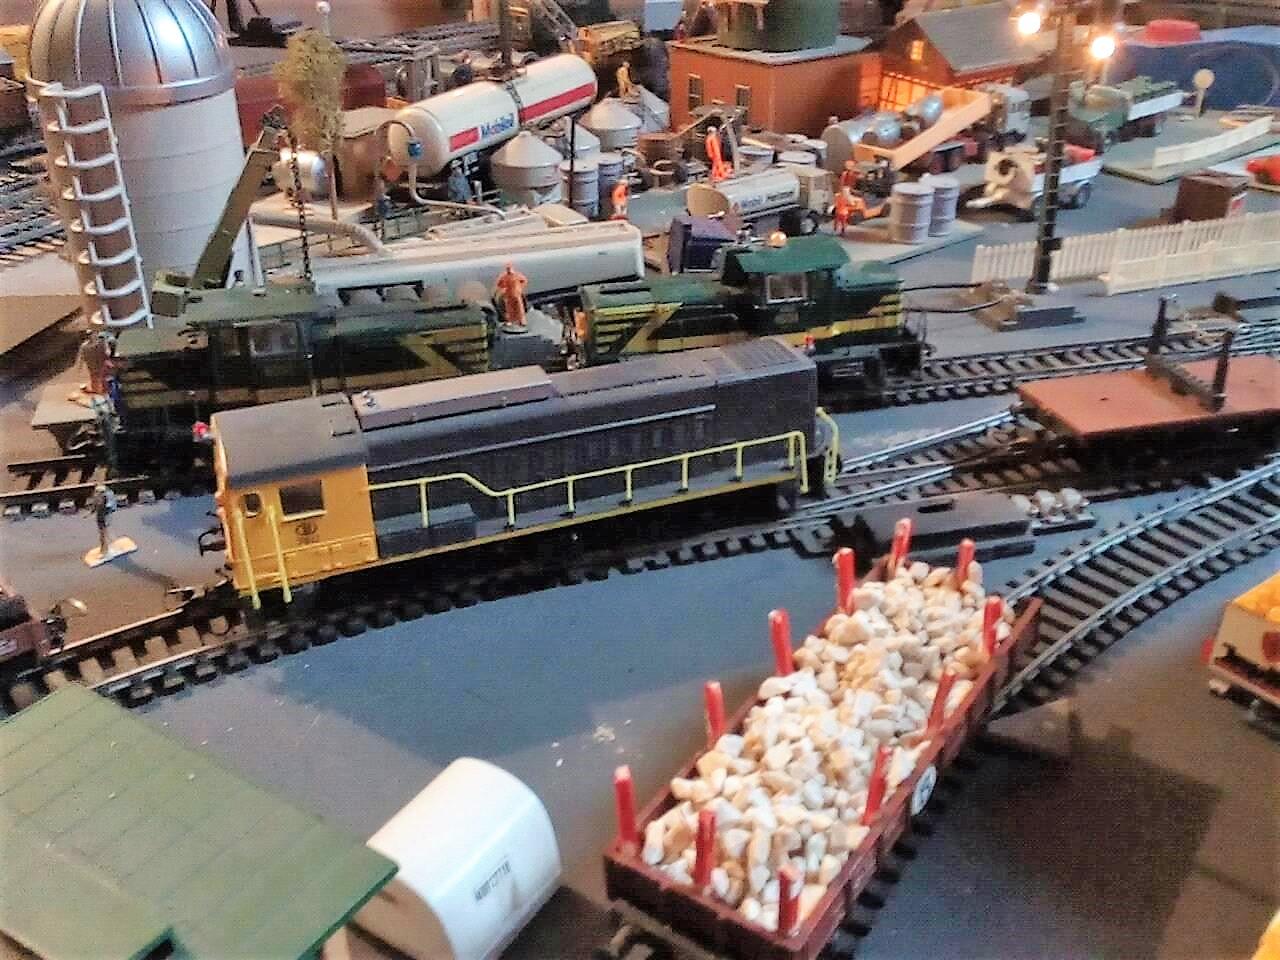 Serie 2200: op de modelbaan in aanbouw van Peter Coddens rangeert een treinlok NS2200 met rongenwagens